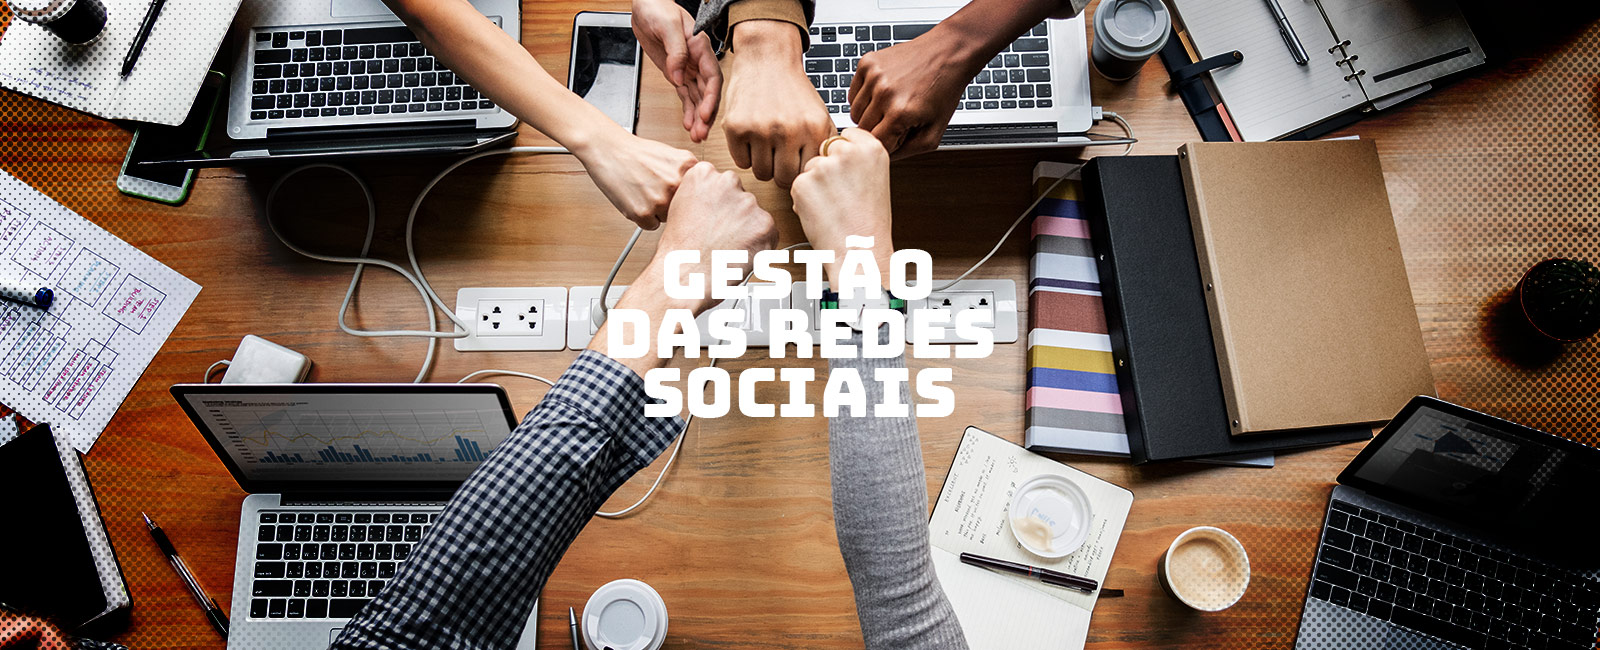 Gestão das Redes Sociais